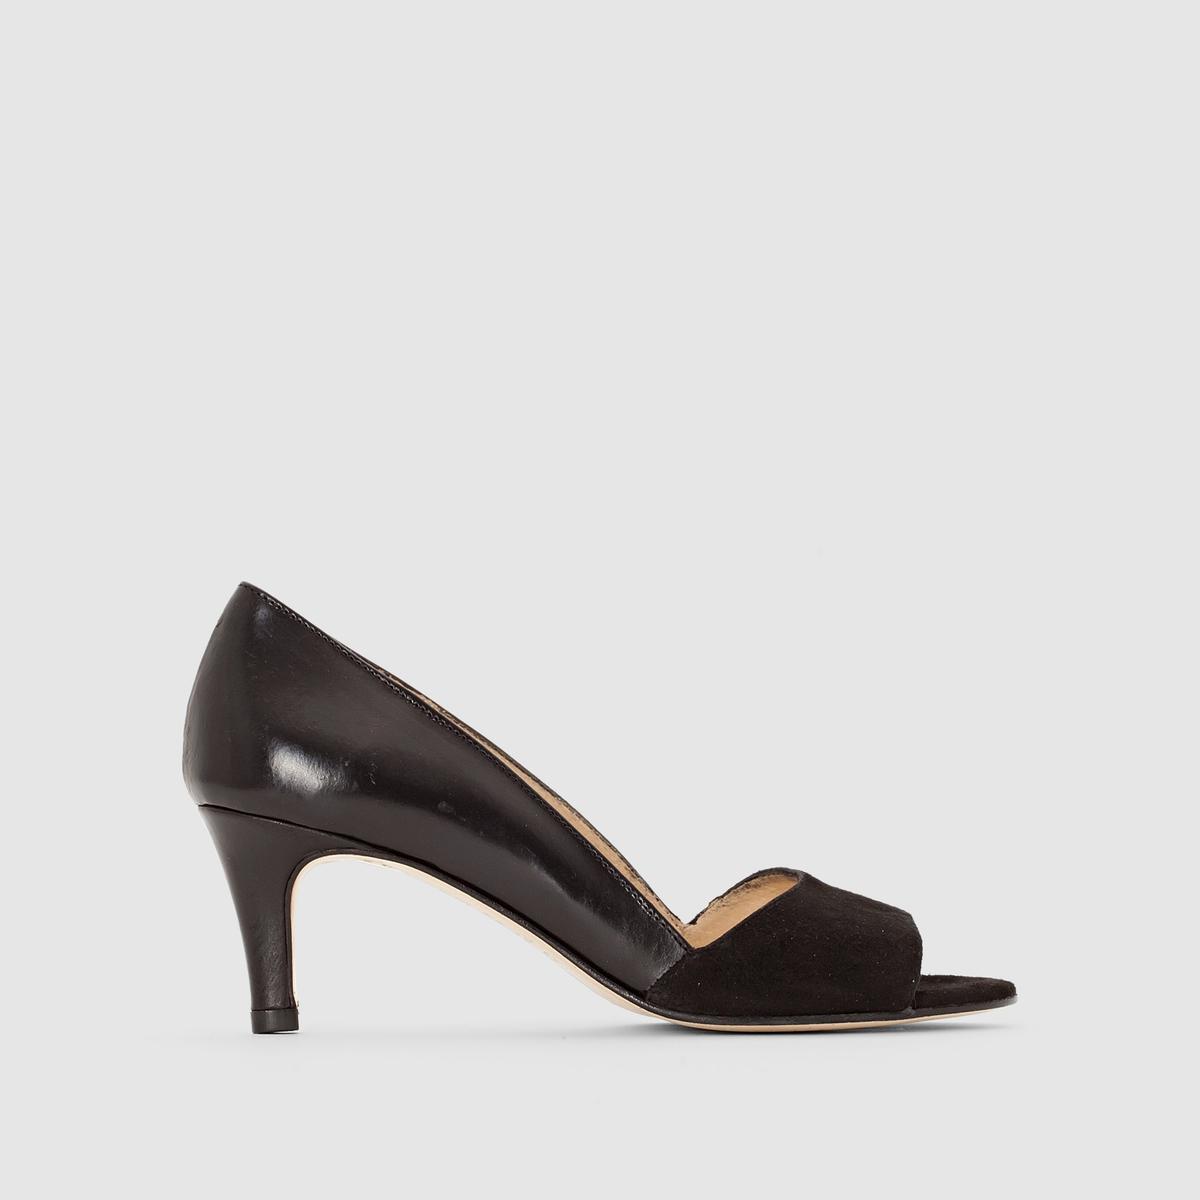 Туфли из двух материалов на каблукеПреимущества  : туфли на каблуке JONAK из двух материалов: блестящего и под замшу, элегантная и очень женственная форма.<br><br>Цвет: черный<br>Размер: 38